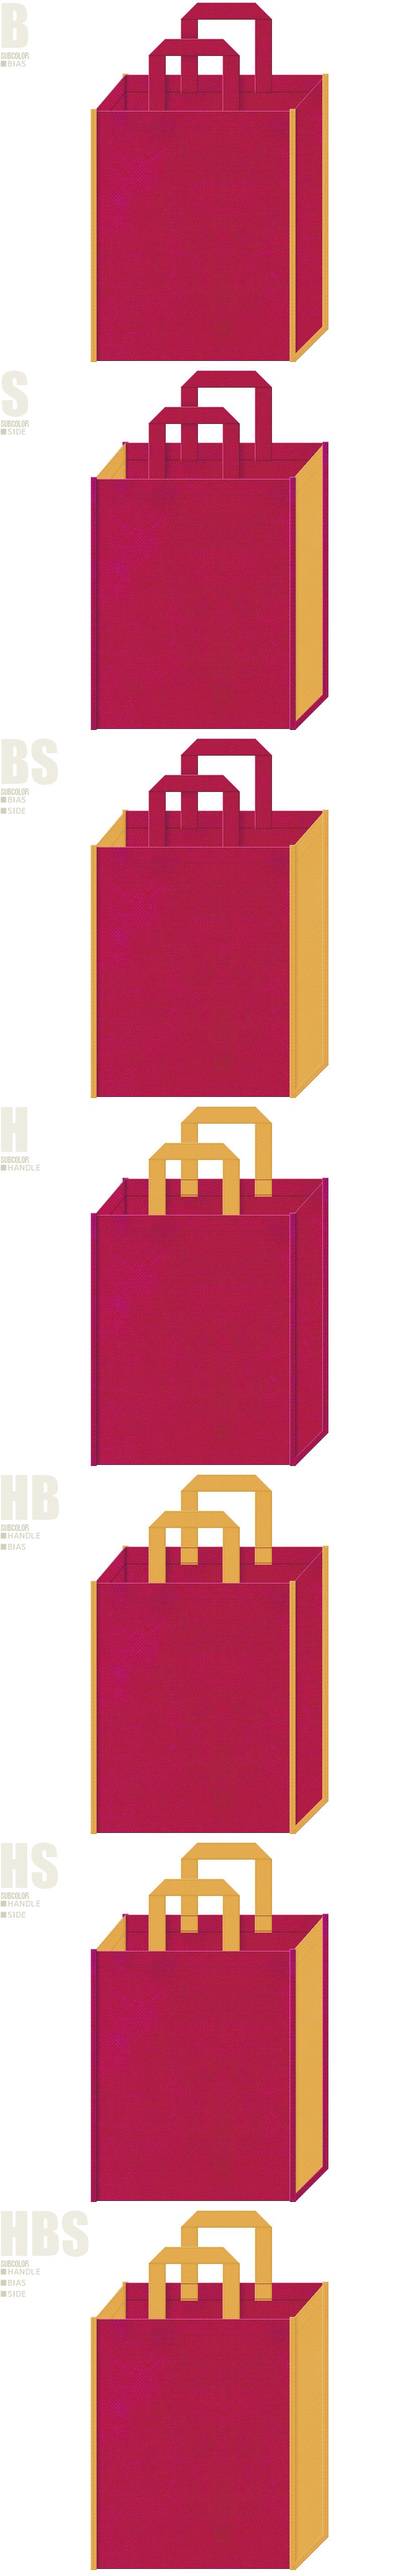 濃いピンク色と黄土色、7パターンの不織布トートバッグ配色デザイン例。